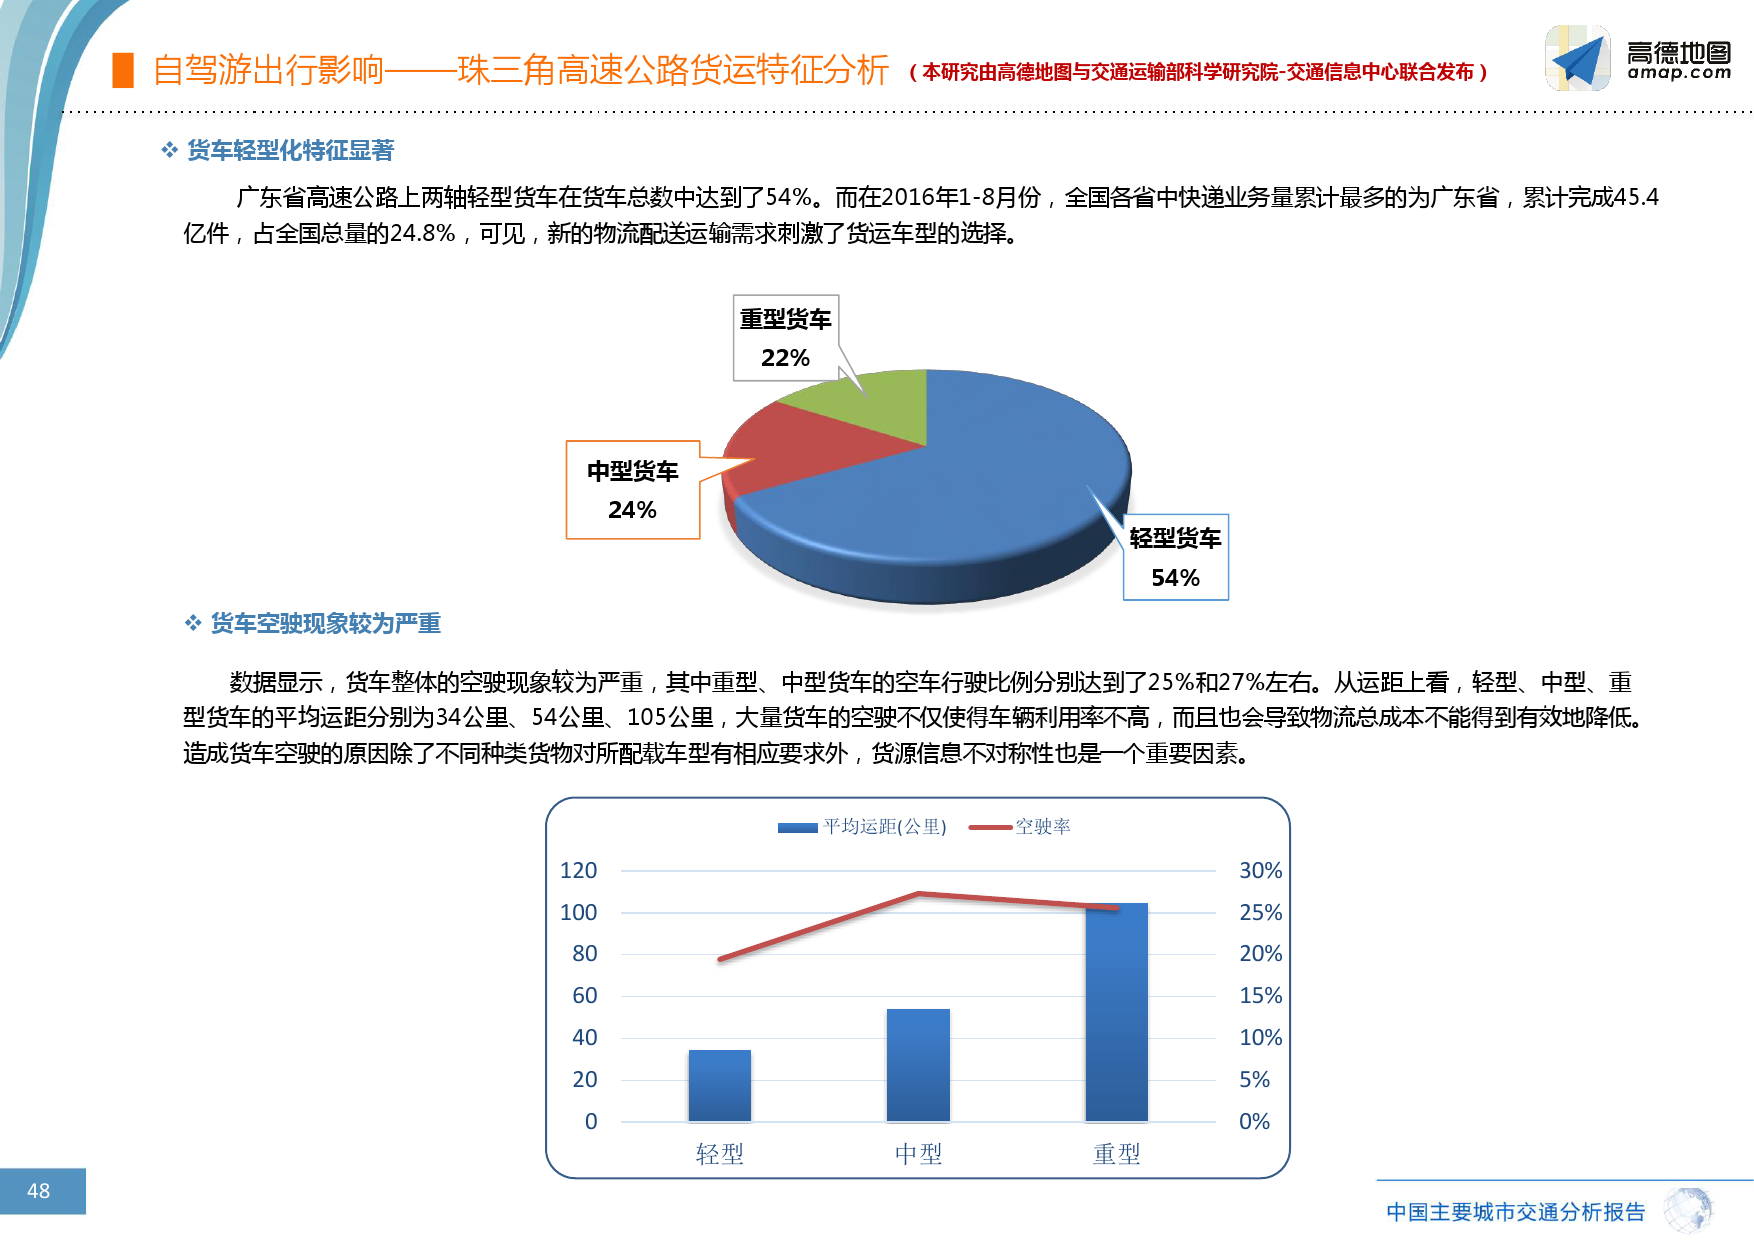 2016%e5%b9%b4q3%e4%b8%ad%e5%9b%bd%e4%b8%bb%e8%a6%81%e5%9f%8e%e5%b8%82%e4%ba%a4%e9%80%9a%e5%88%86%e6%9e%90%e6%8a%a5%e5%91%8a_000048